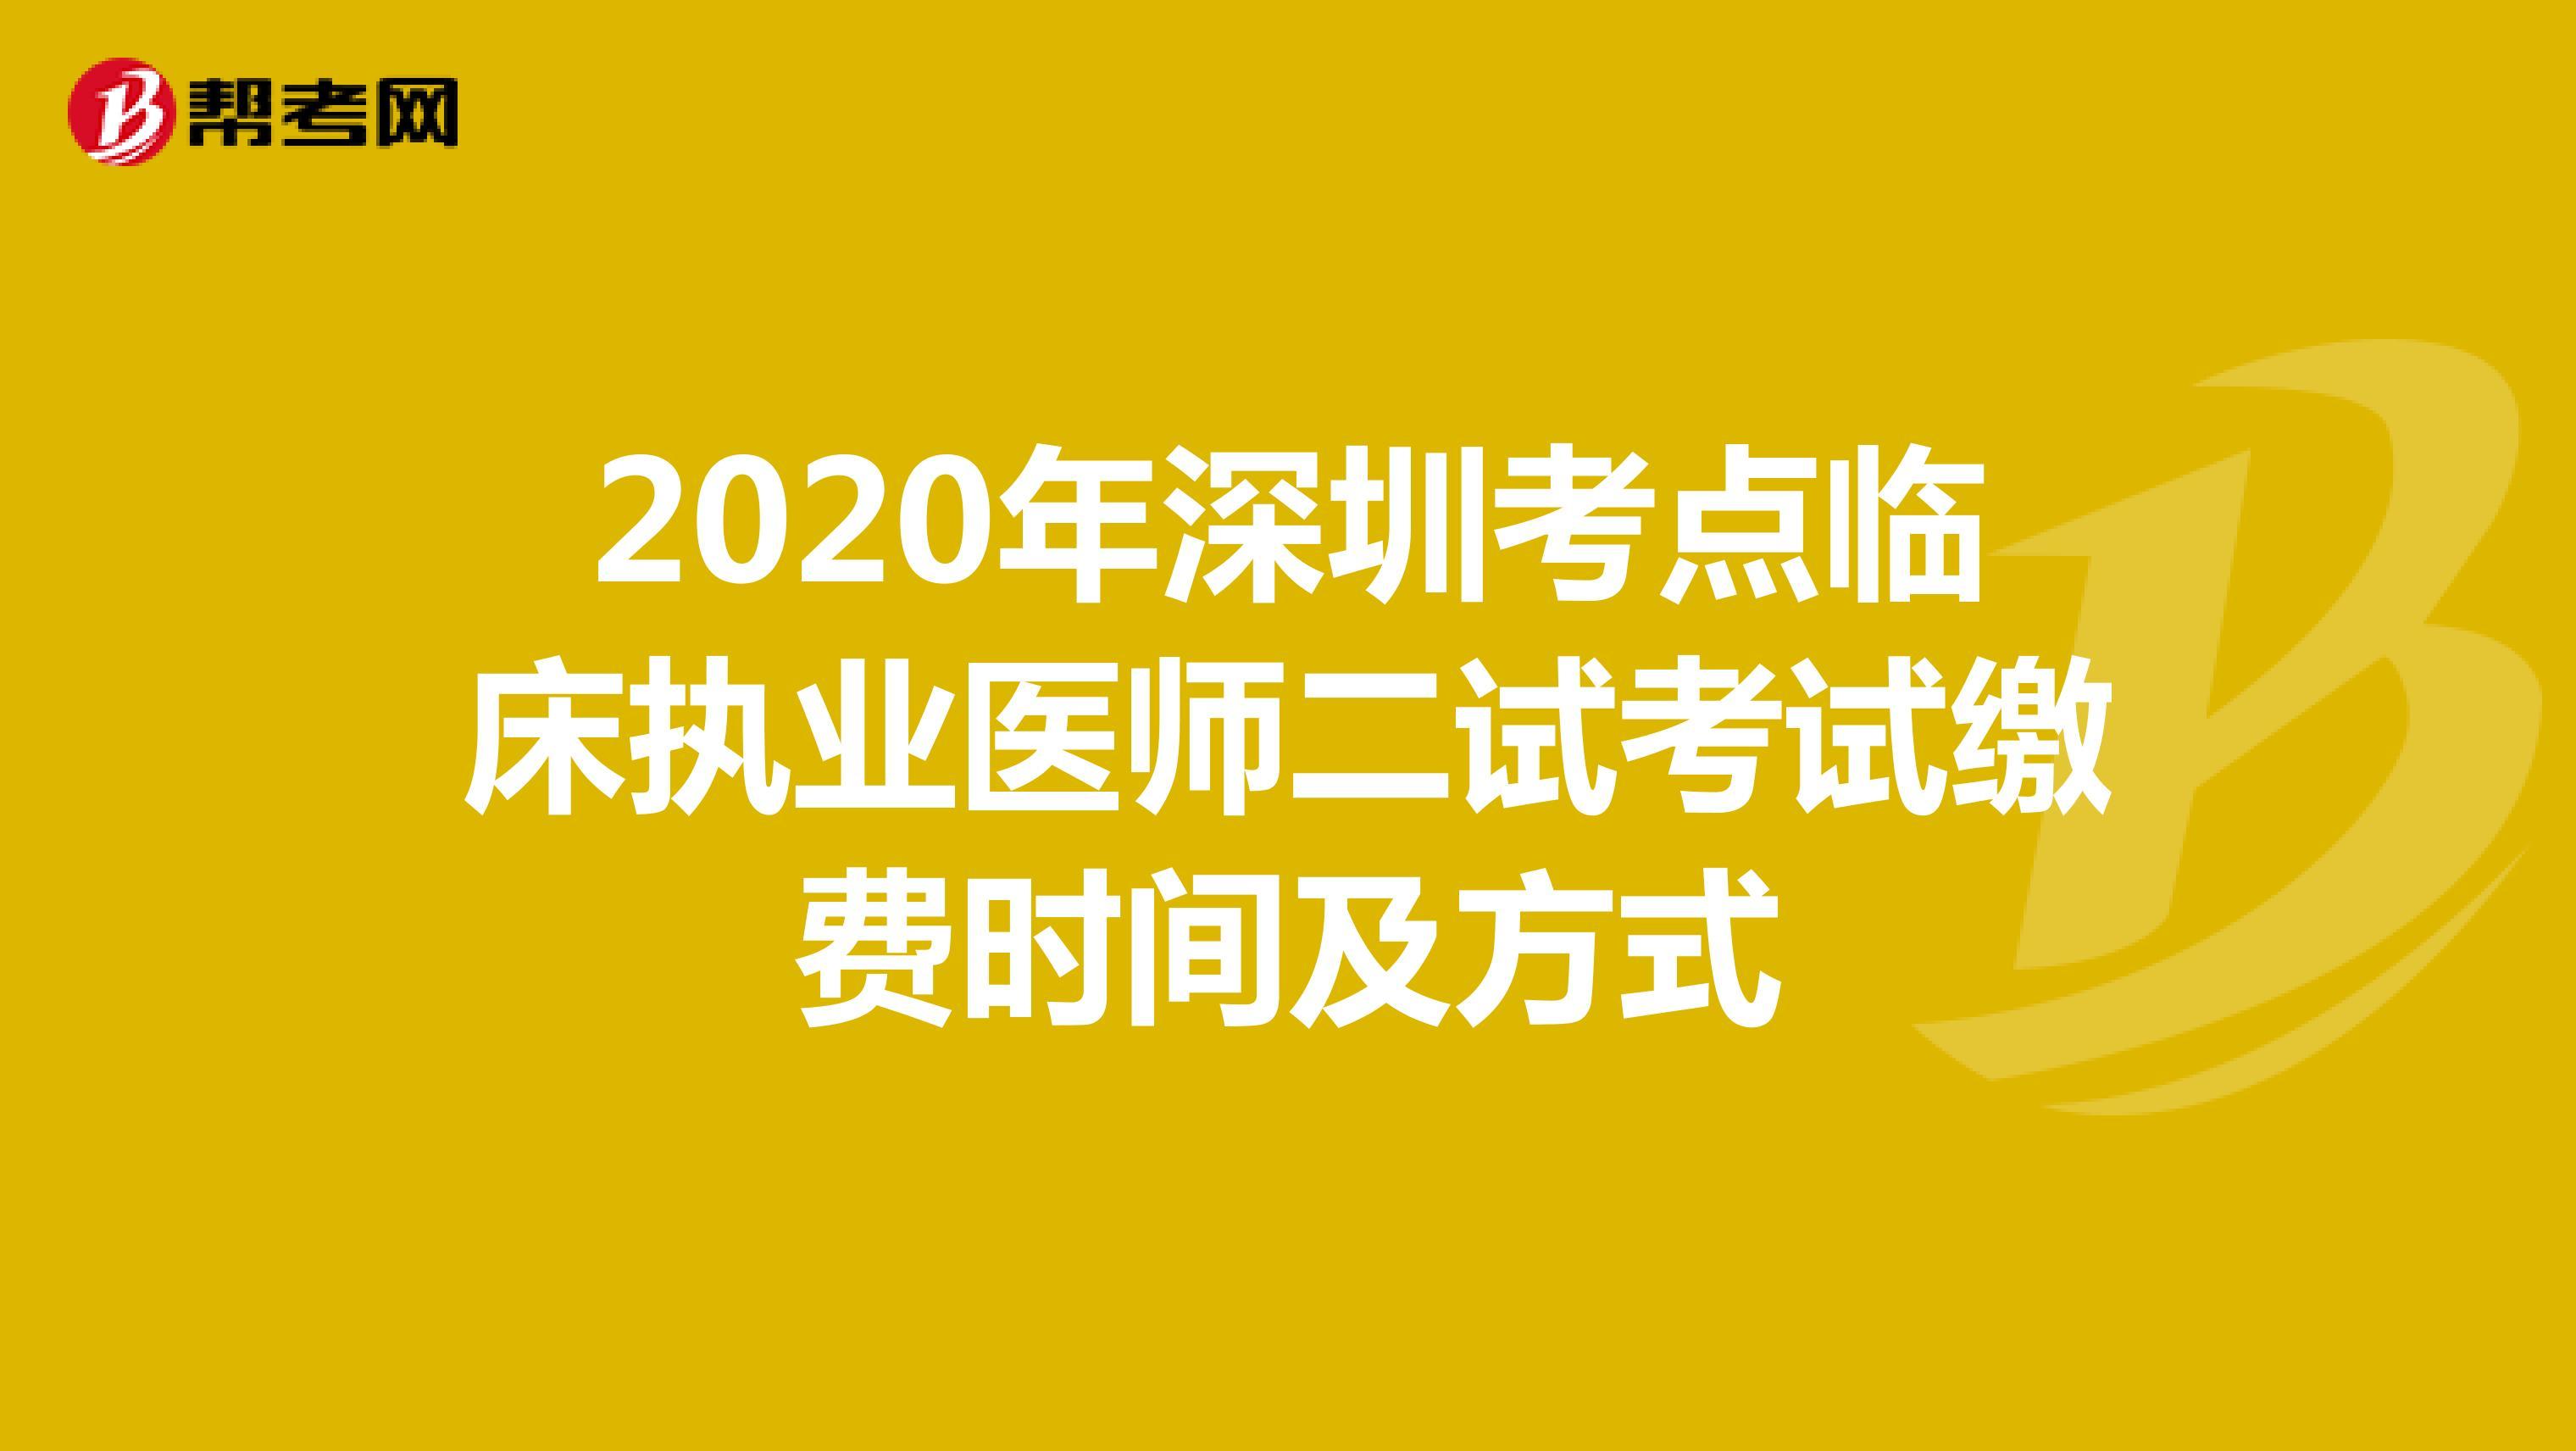 2020年深圳考点临床执业医师二试考试缴费时间及方式